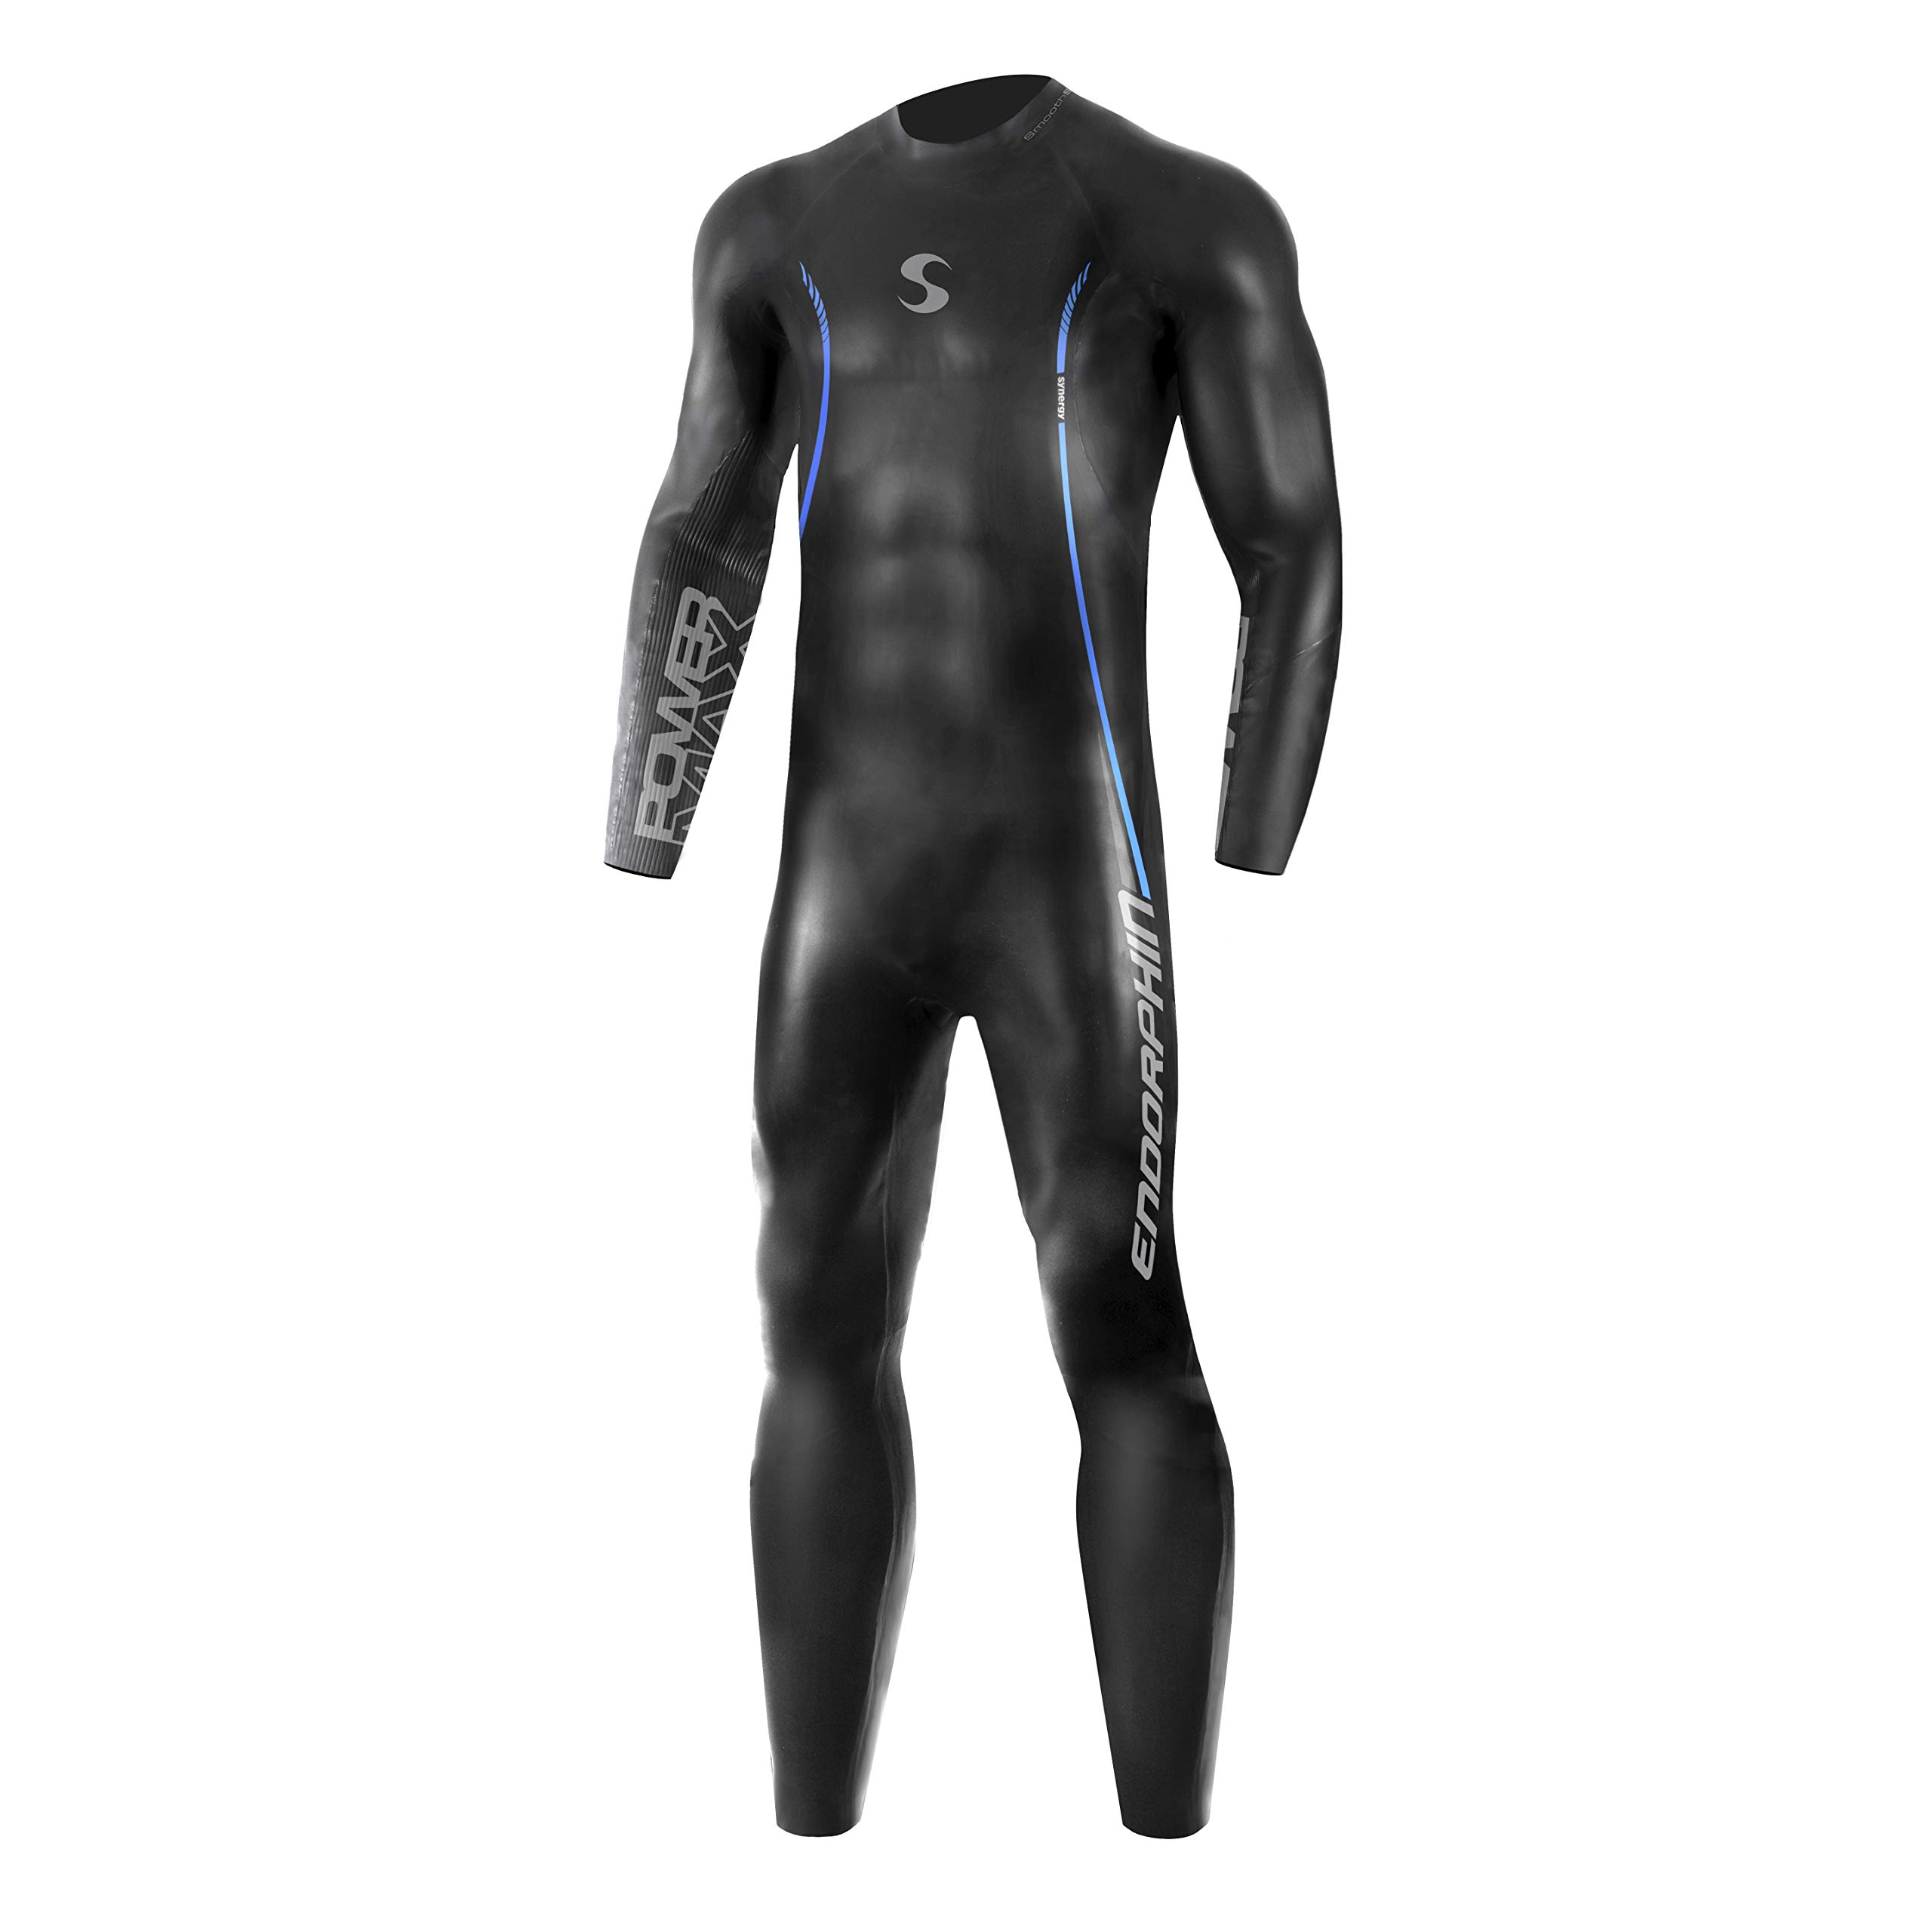 c9c1d71d4c4 Synergy Triathlon Wetsuit 5 3mm - Men s Endorphin Fullsleeve Smoothskin  Neoprene for Open Water Swimming Ironman   USAT Approved